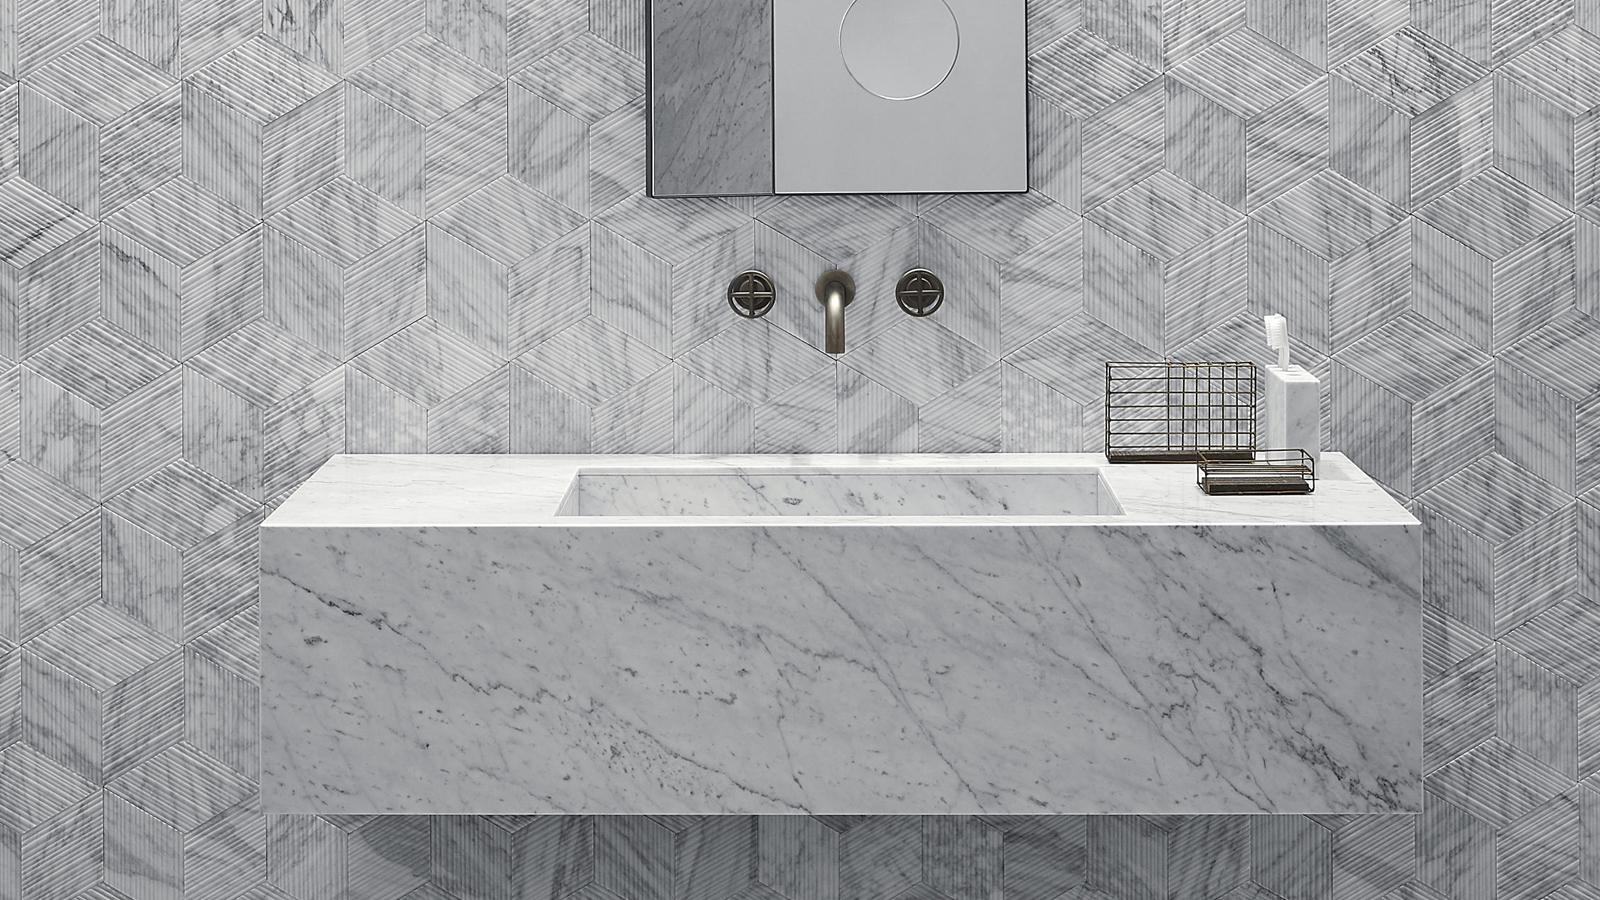 Egyszerű, négyszögletes forma és rengeteg tárolóhely jellemzi a Stiletto mosdókagylót, mely négy méretben és ötféle márványból rendelhető. A Salvatori egyedi, ún. Plug&Play rendszerének köszönhetően ráadásul a termék rendkívül egyszerűen, szaktudás nélkül szerelhető, és bár elsősorban falra szerelt csapteleppel mutat jól, választhatjuk álló változatok számára előkészített verzióban is.